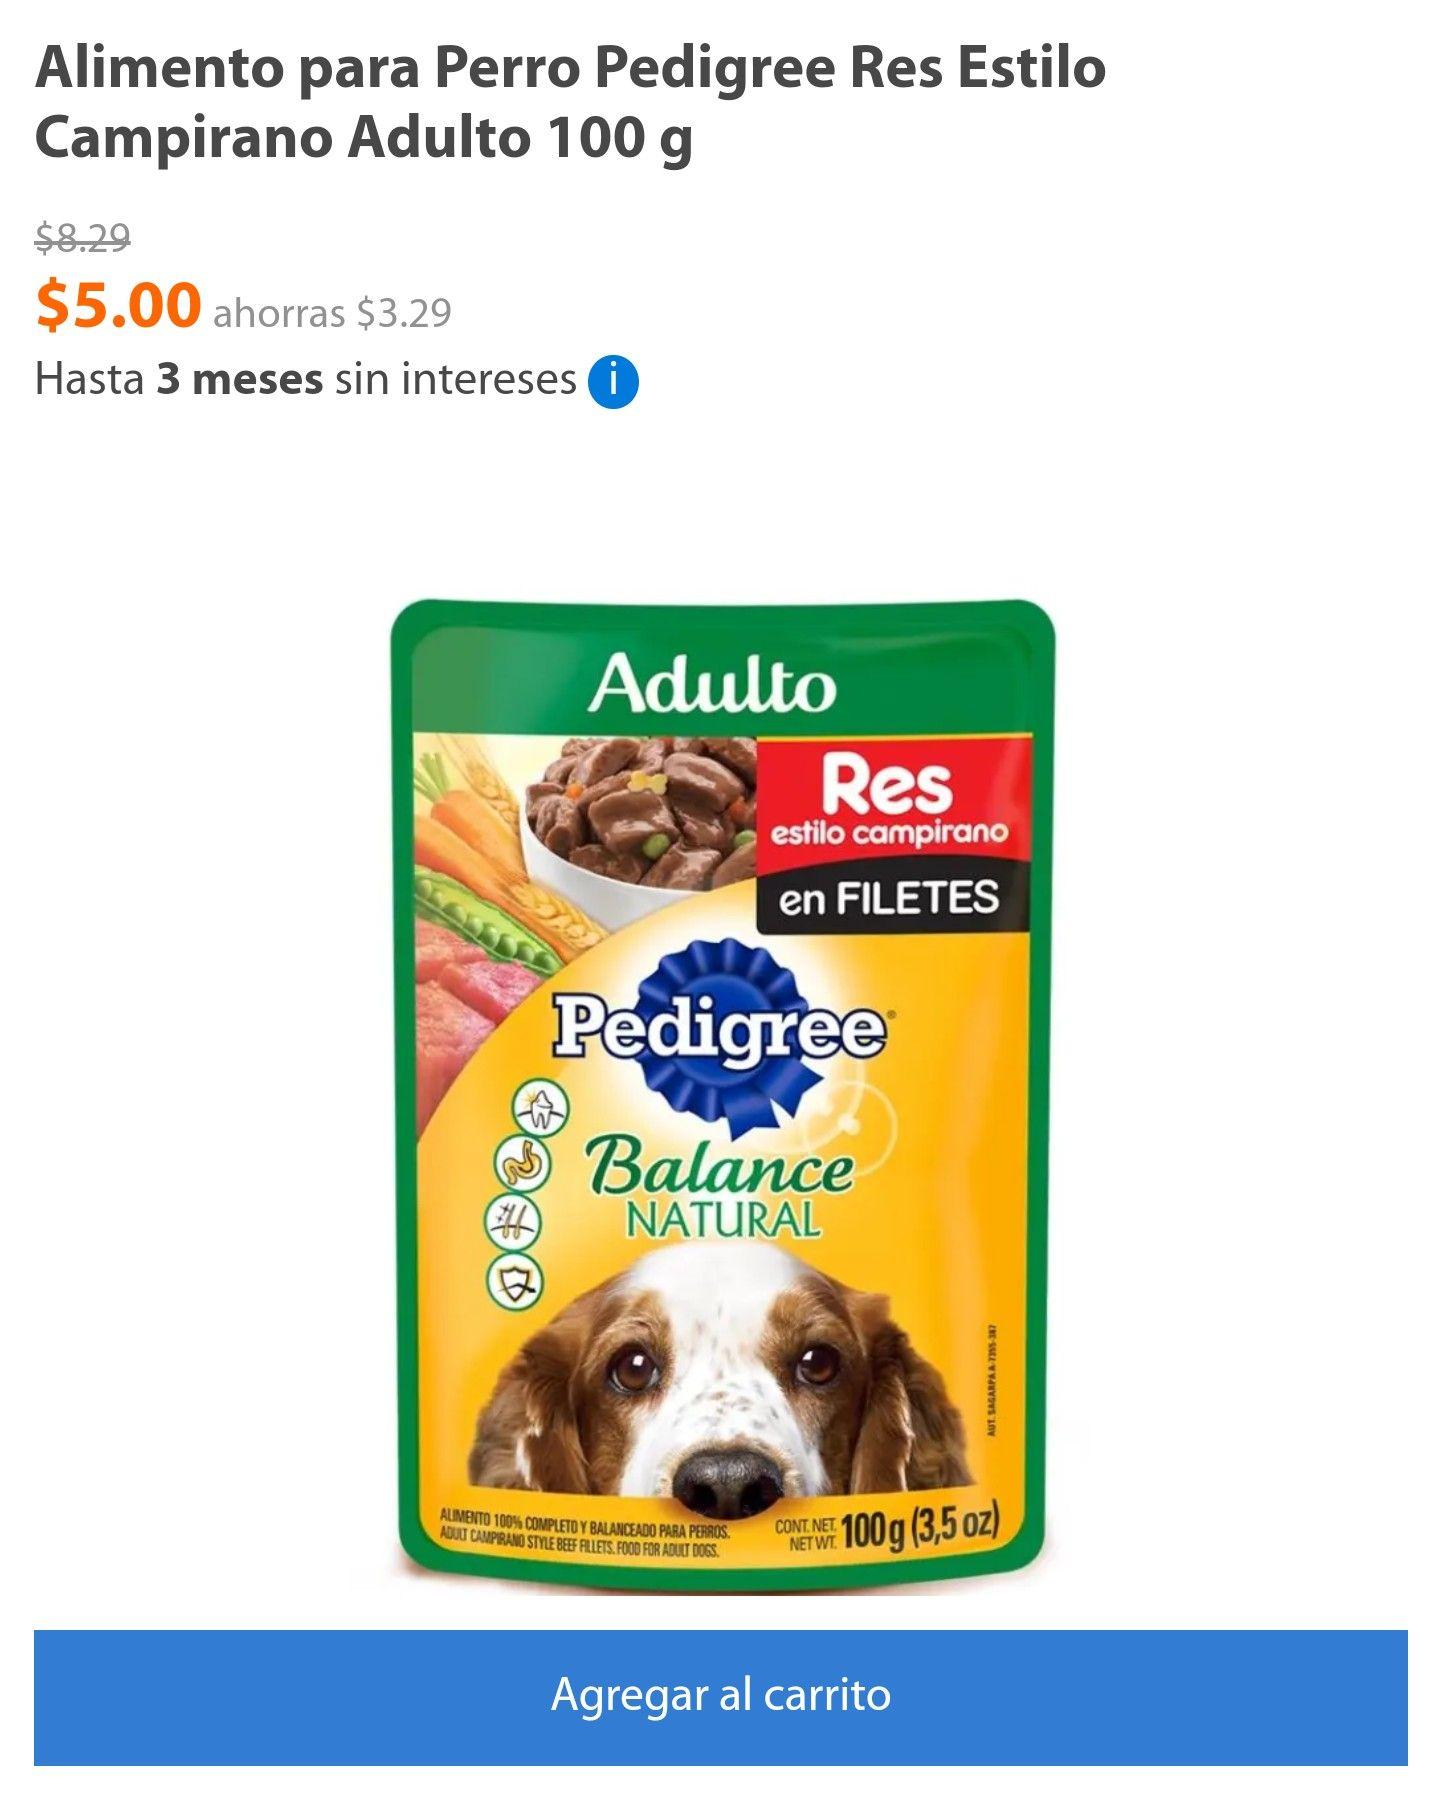 Walmart en línea: Alimento para Perro Pedigree Res Estilo Campirano Adulto 100 g